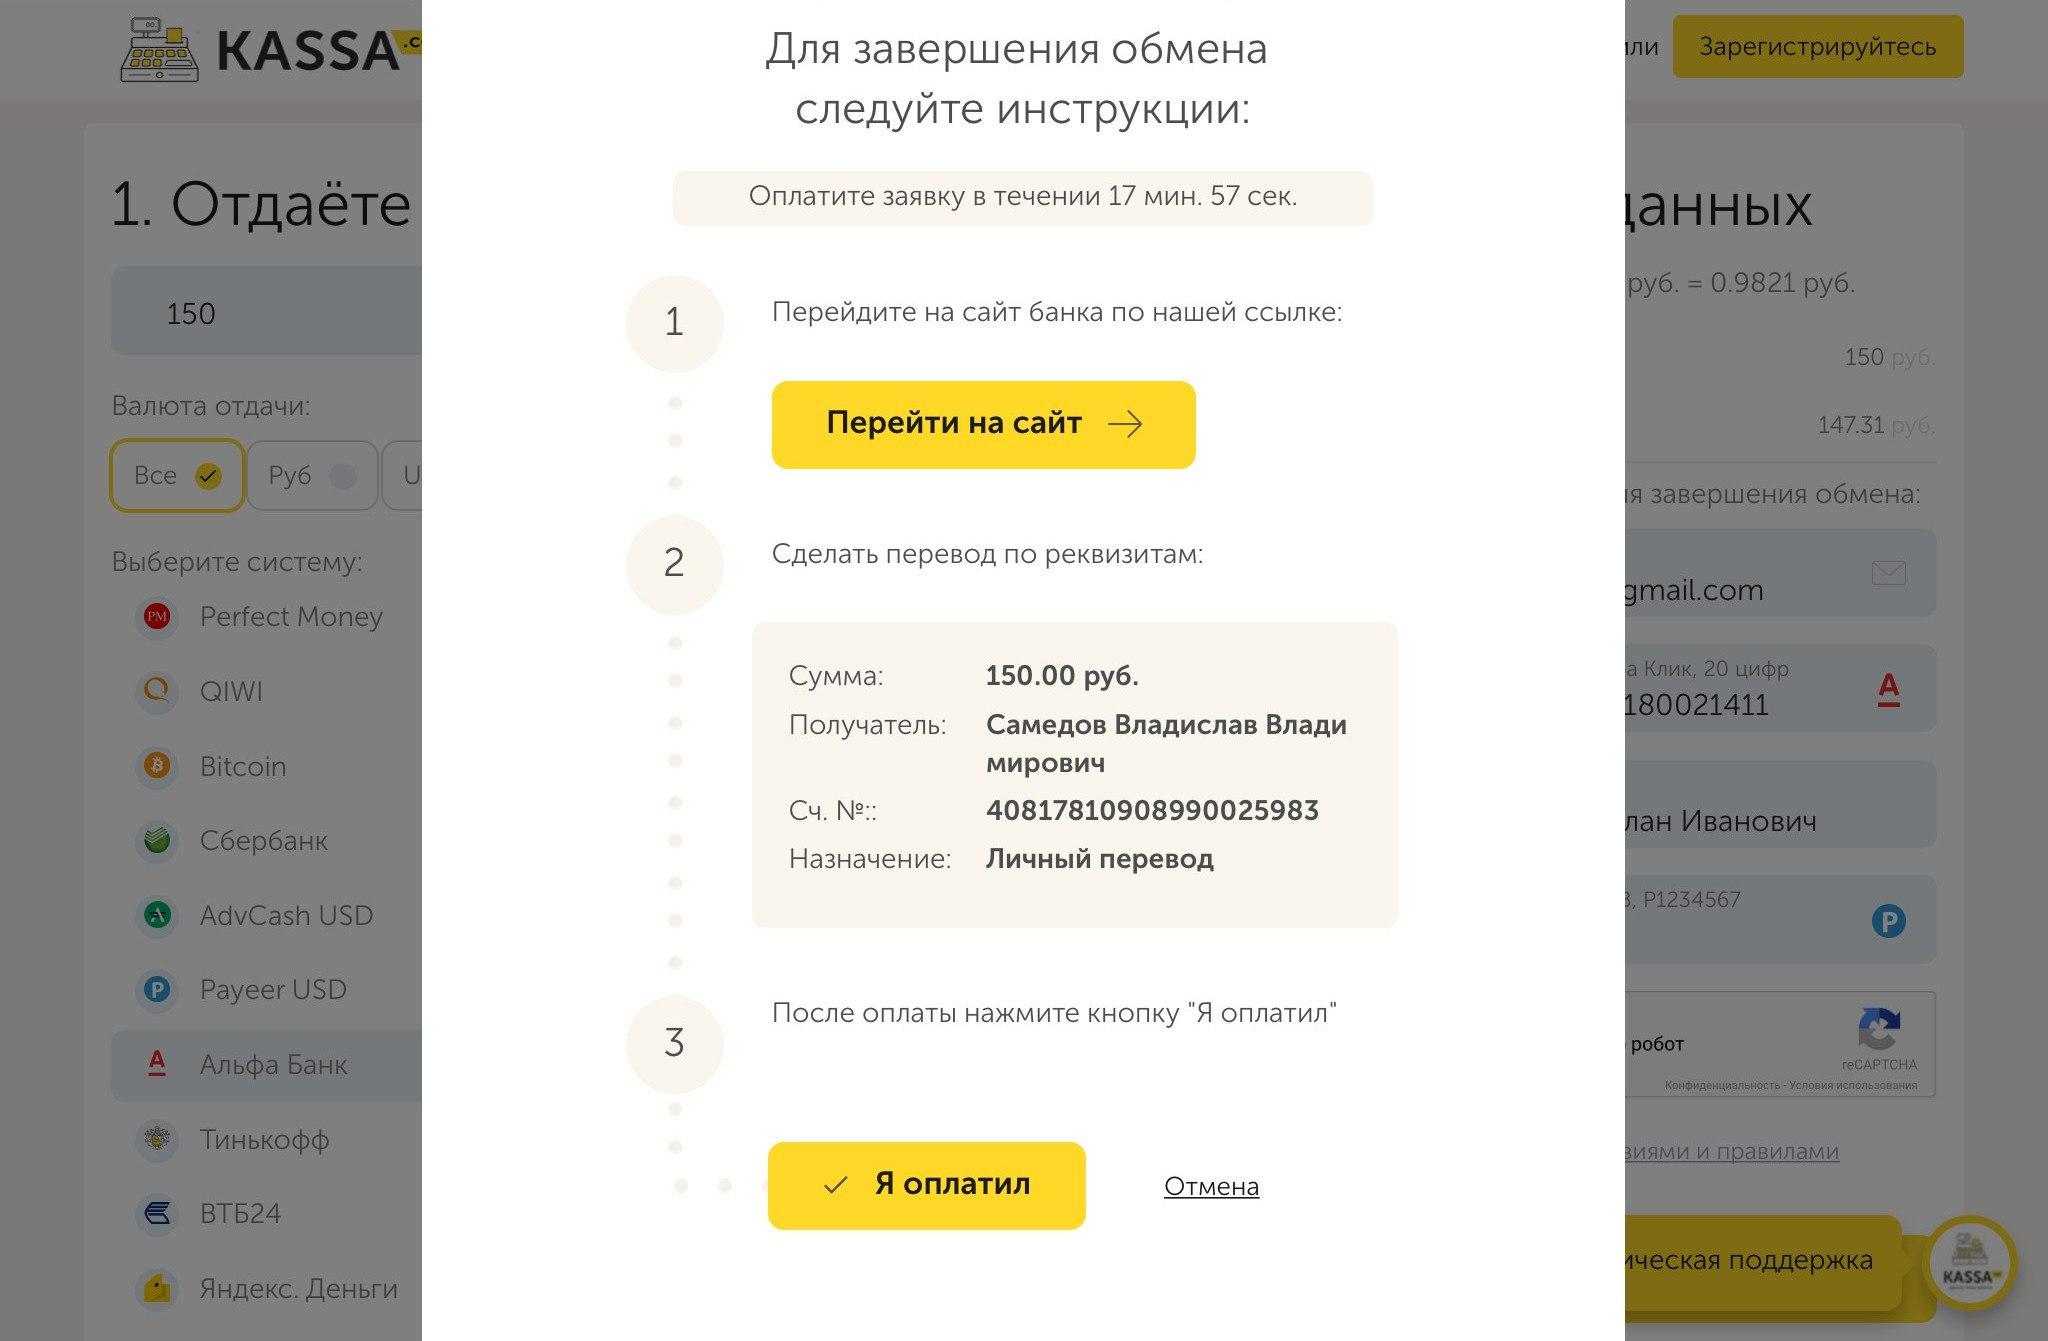 Kassa.cc - единый обмен валюты. Перевод с карты Альфа-Банк на Payeer RUB